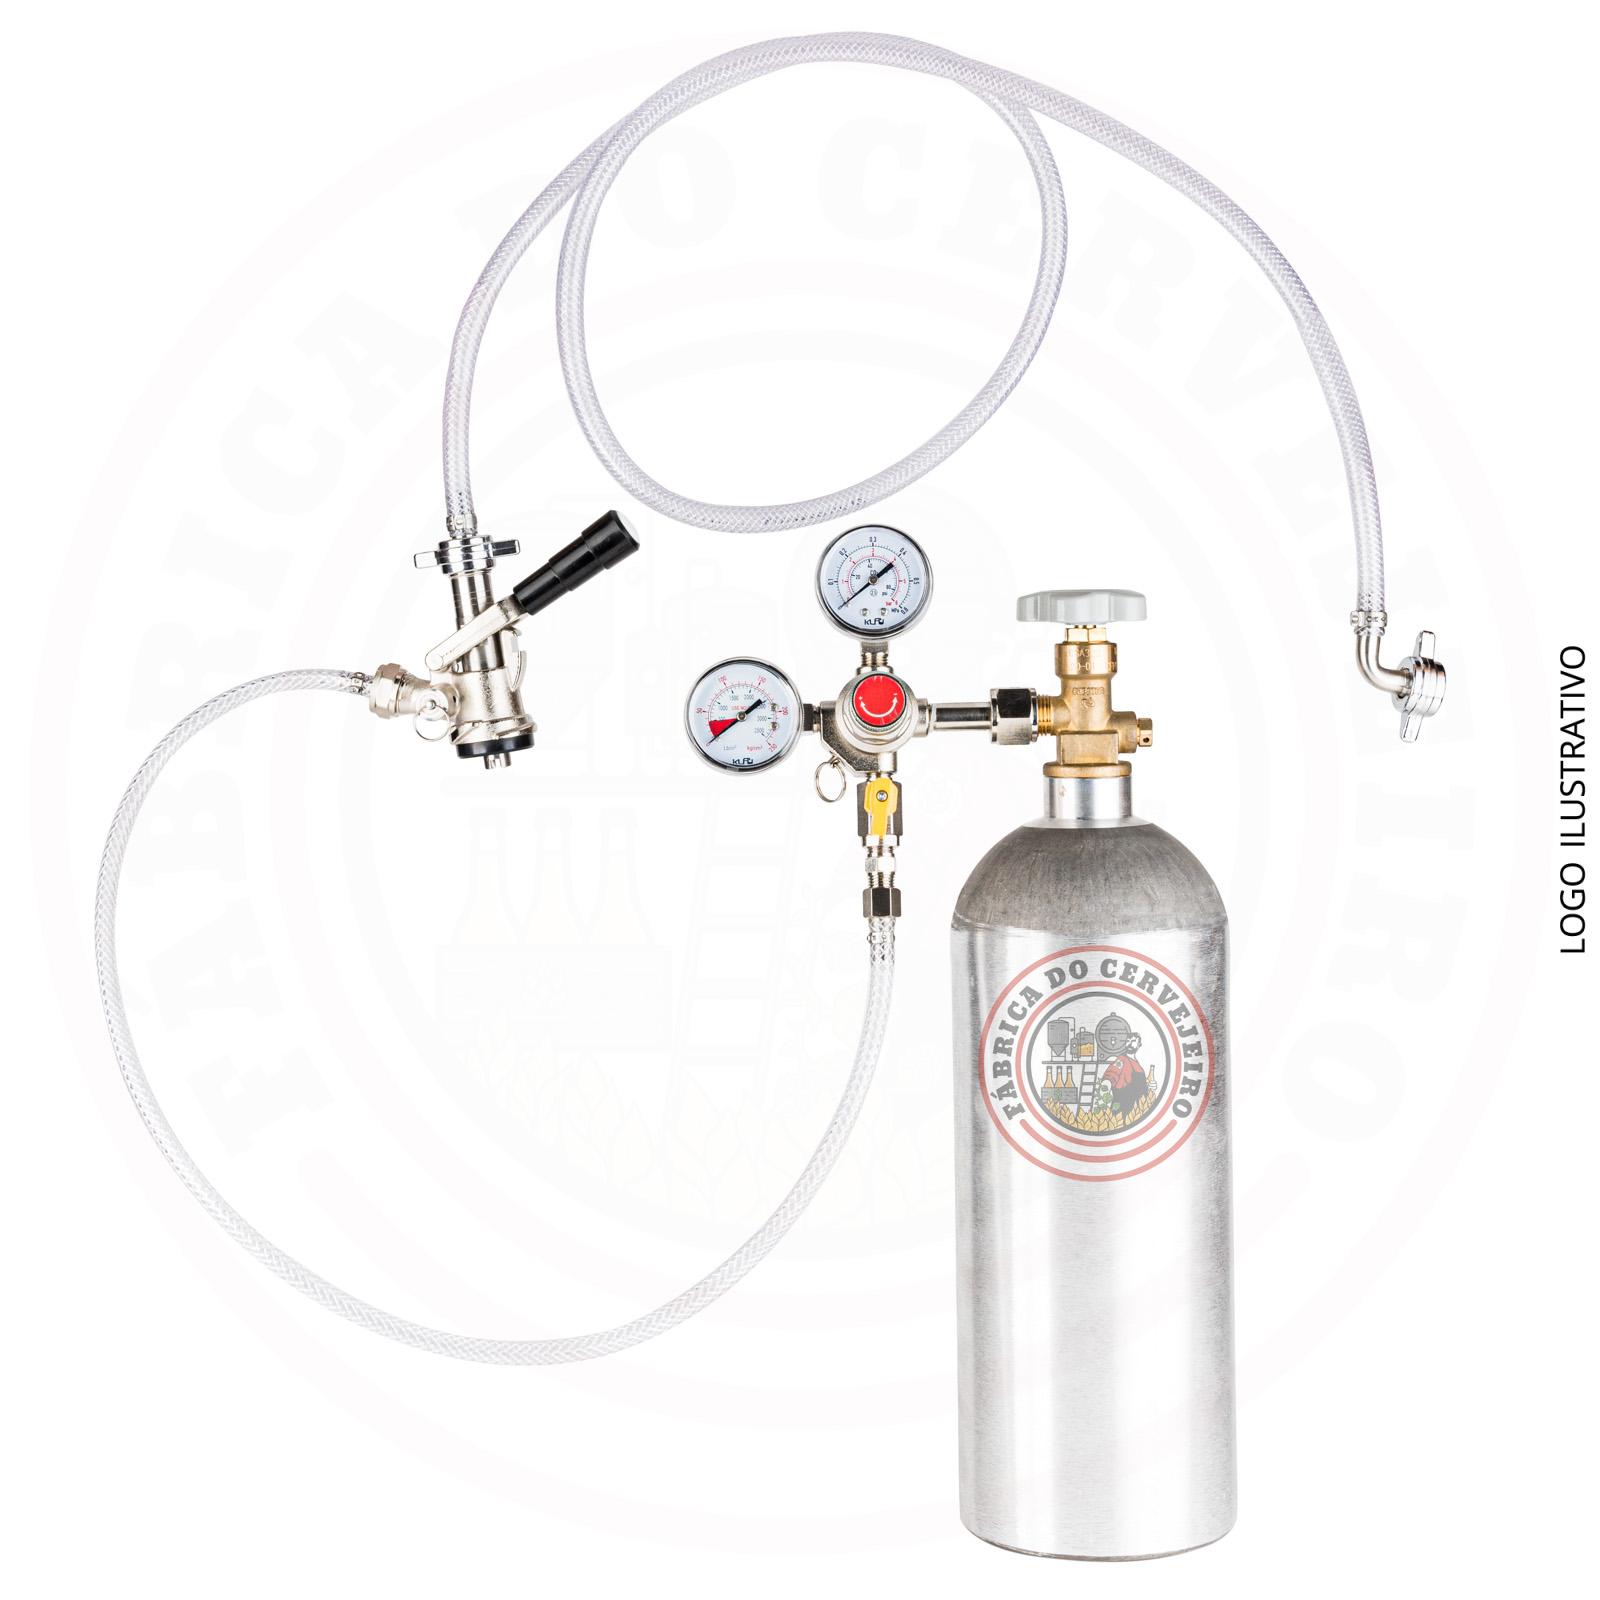 kit extração para barril tipo S com regulador de pressão importado e cilindro 2,3 kg